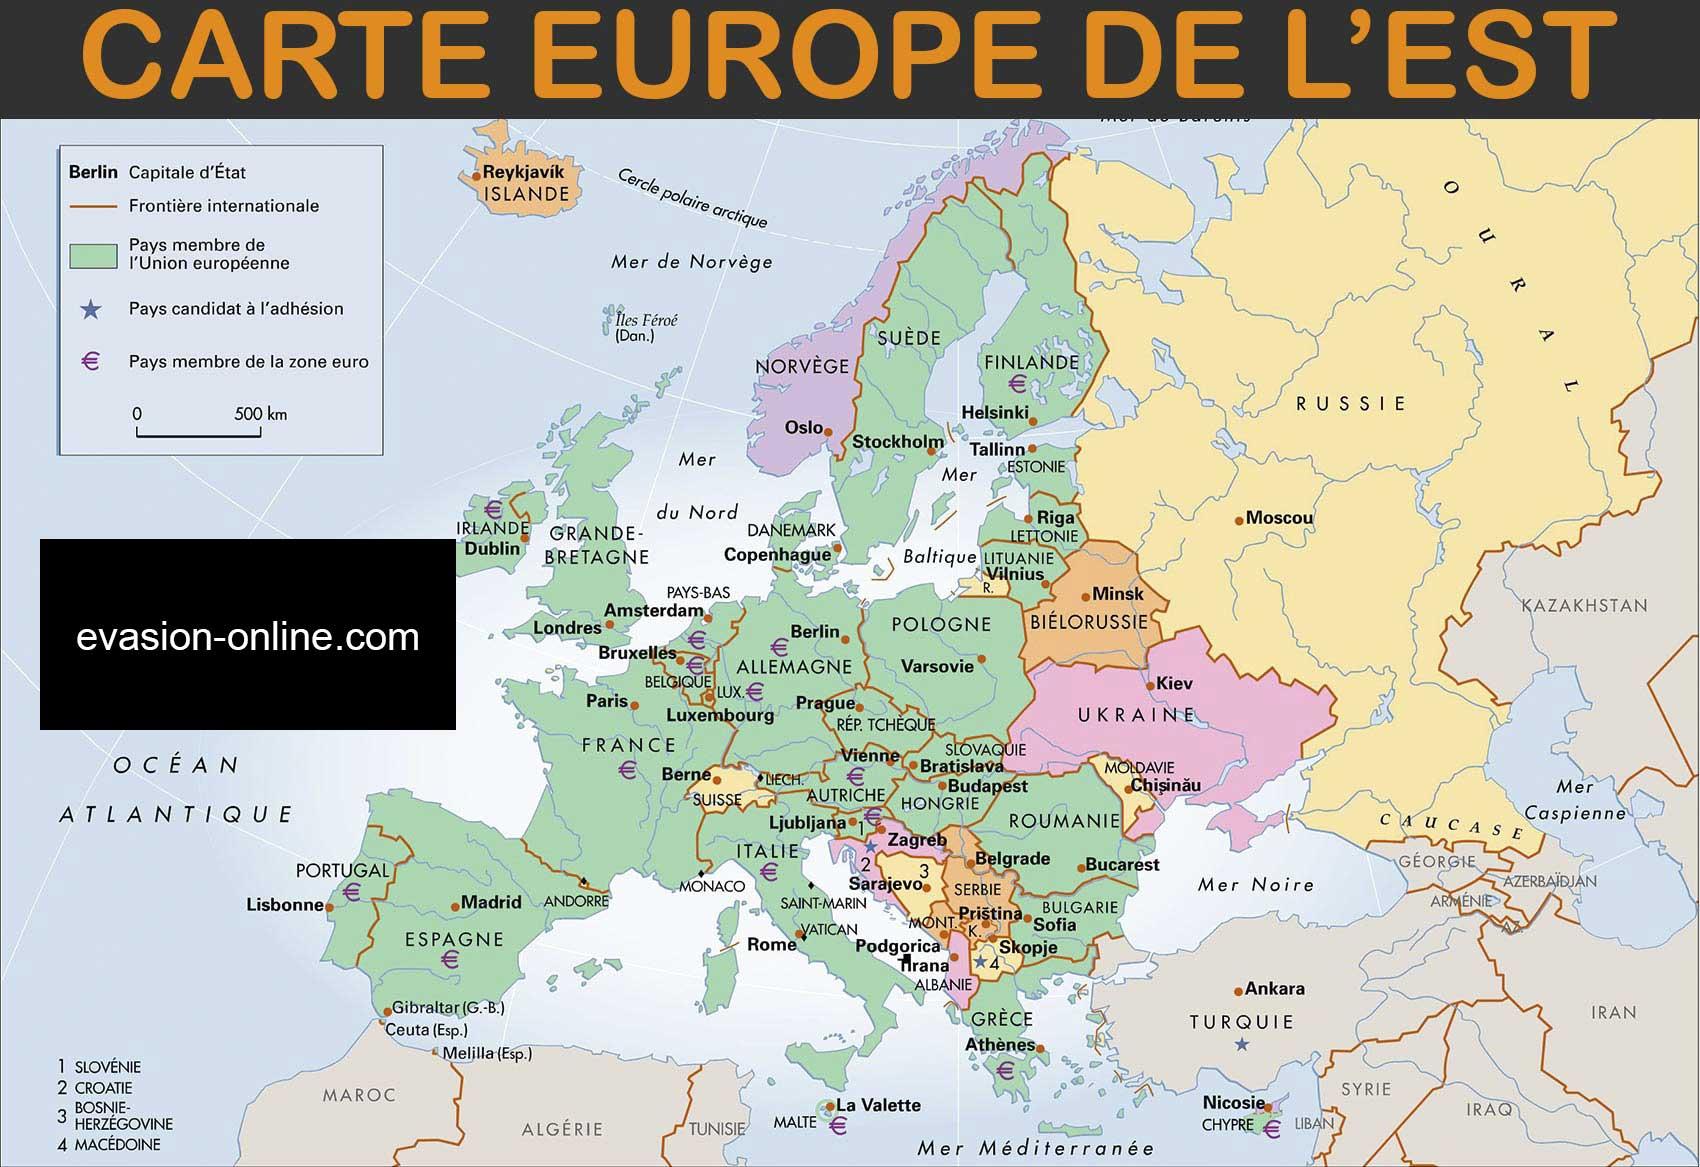 Carte Europe De L'est - Images » Vacances - Arts- Guides Voyages concernant Carte Géographique Europe